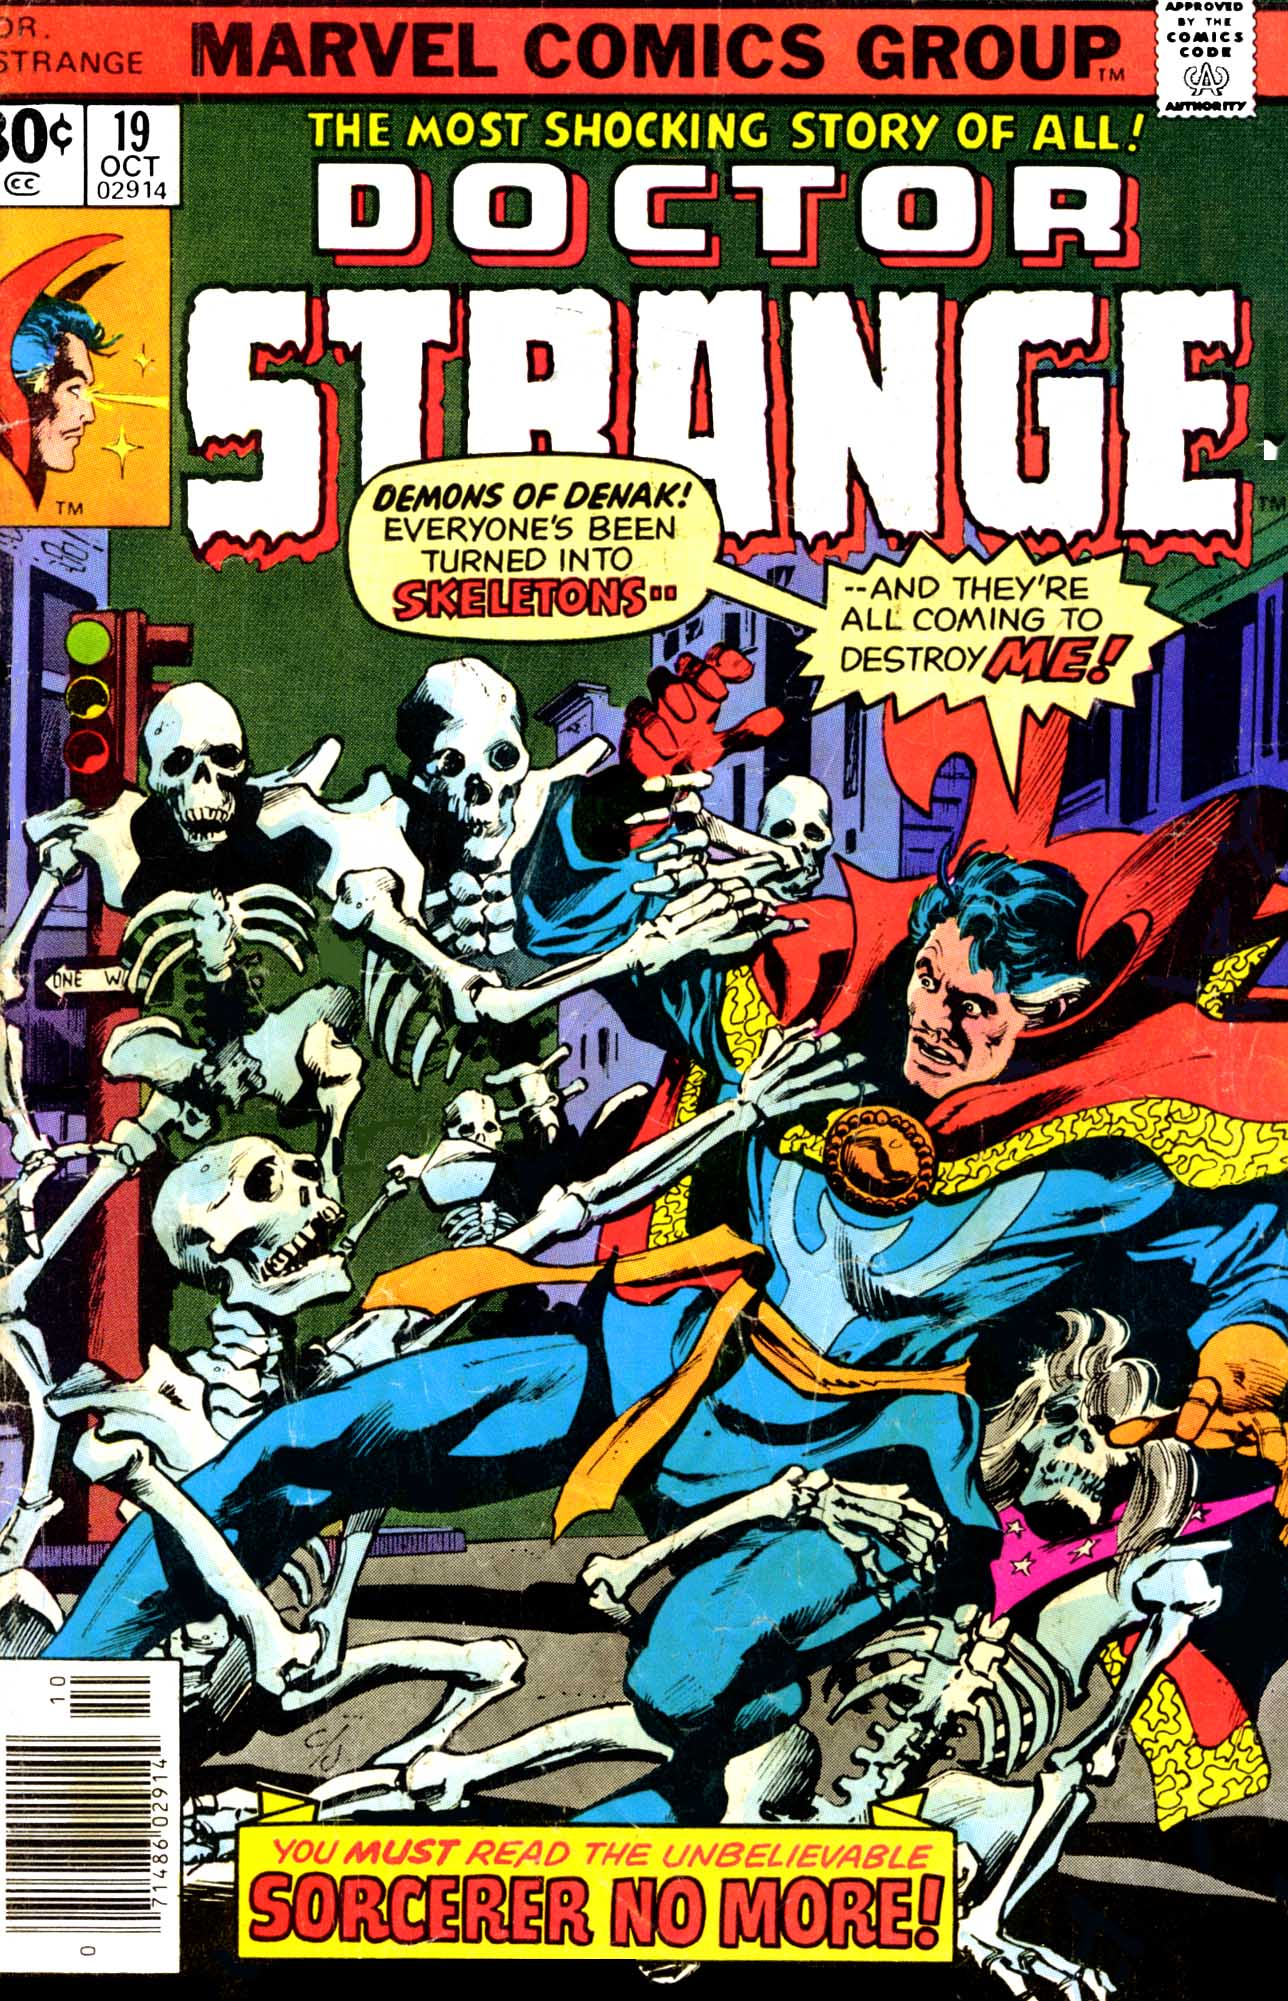 Doctor Strange (1974) 19 Page 1